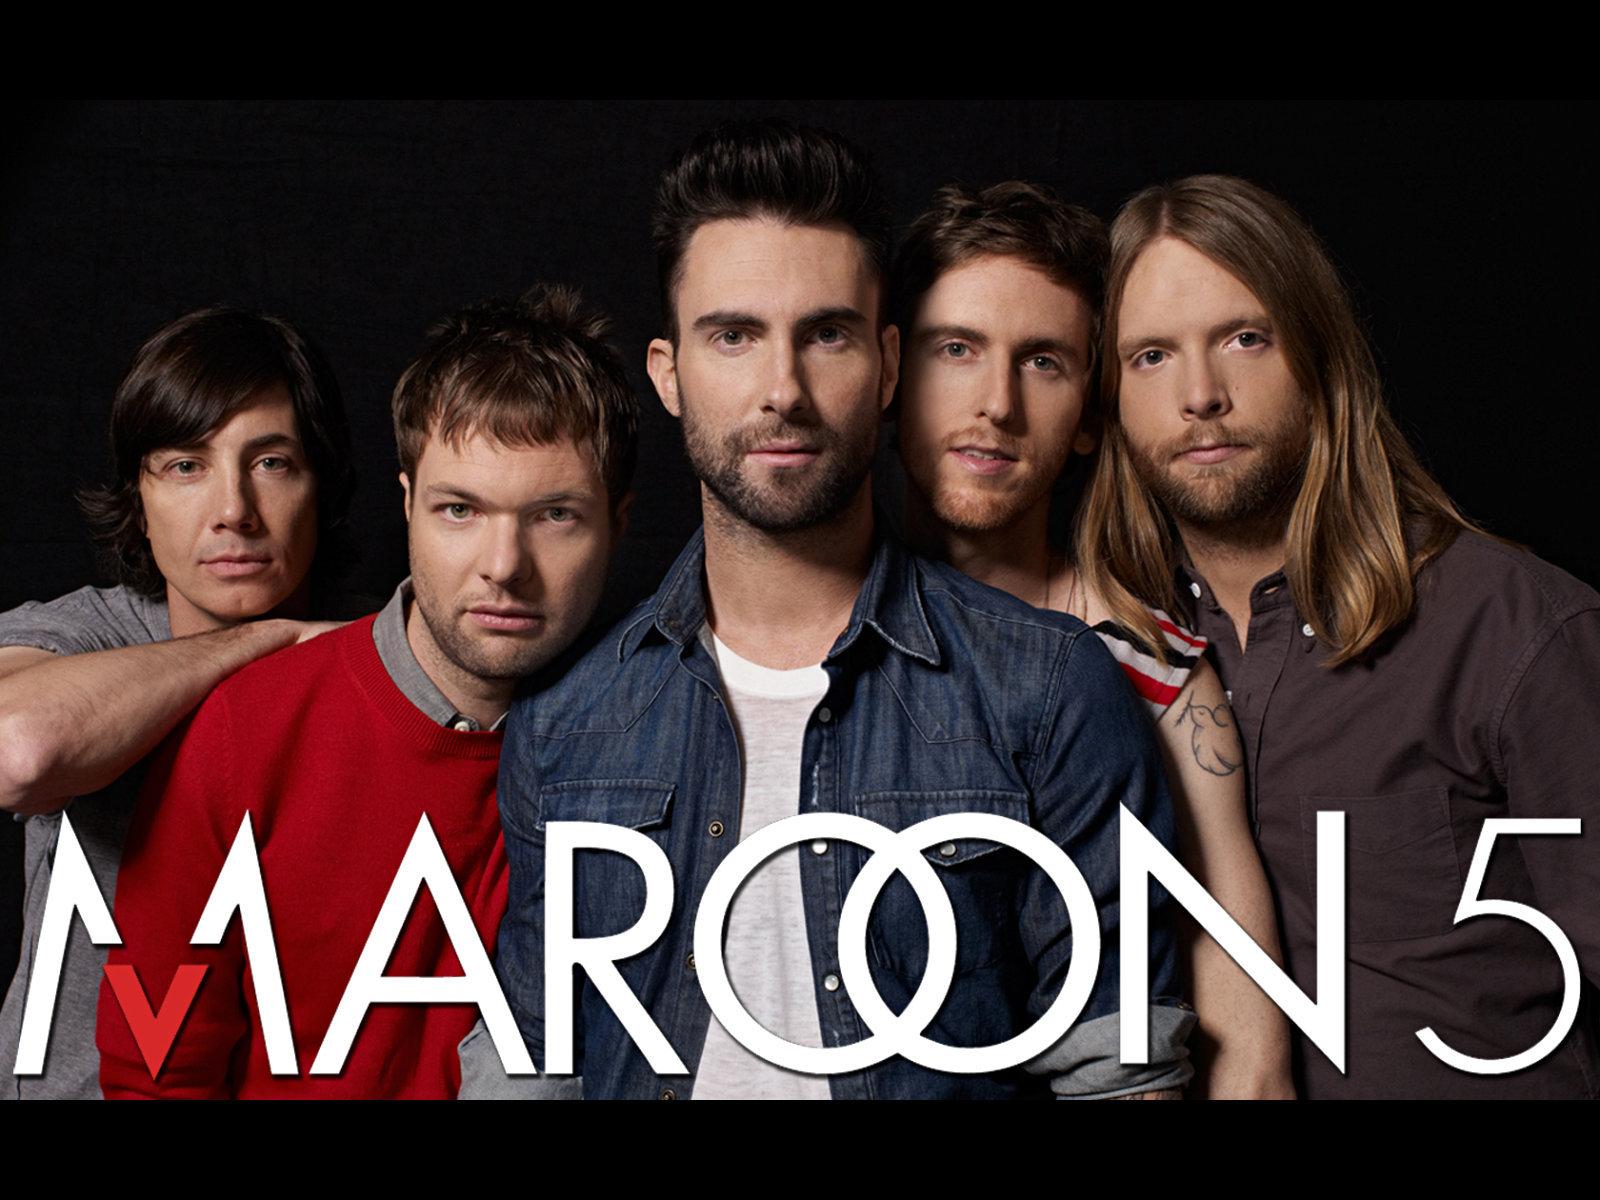 世界一セクシーな男 Maroon5の『 アダム・レヴィーン 』